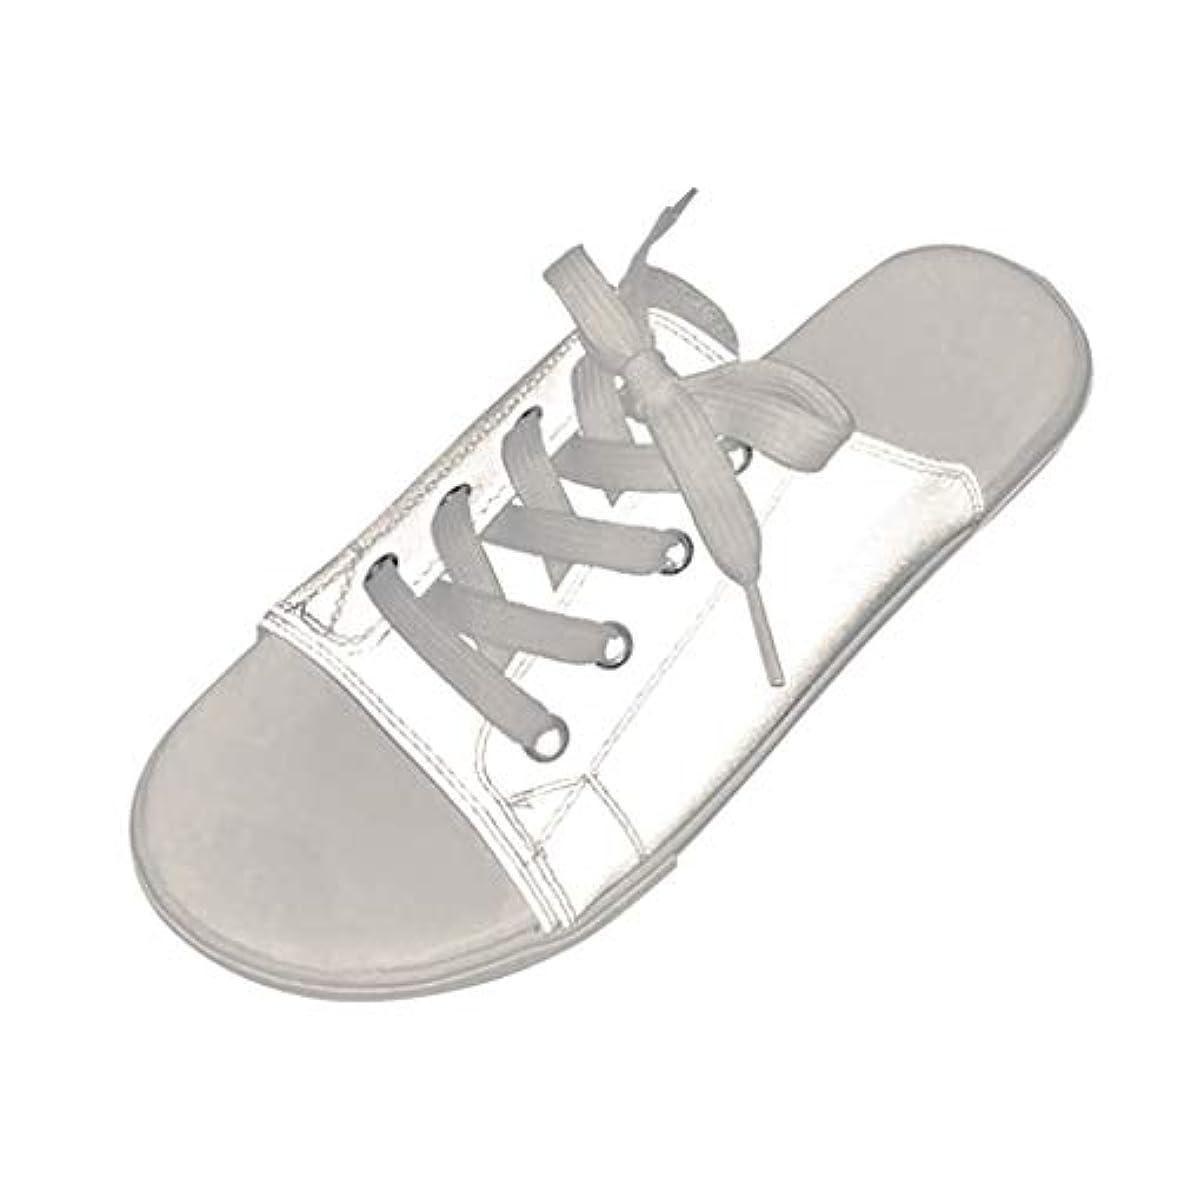 略す刺繍姿勢カップルは靴を照らす スリッパシューズ サンダル フラットビーチシューズ 魚の口の靴 輝くサンダル フラットスリッパ レースアップビーチサンダル